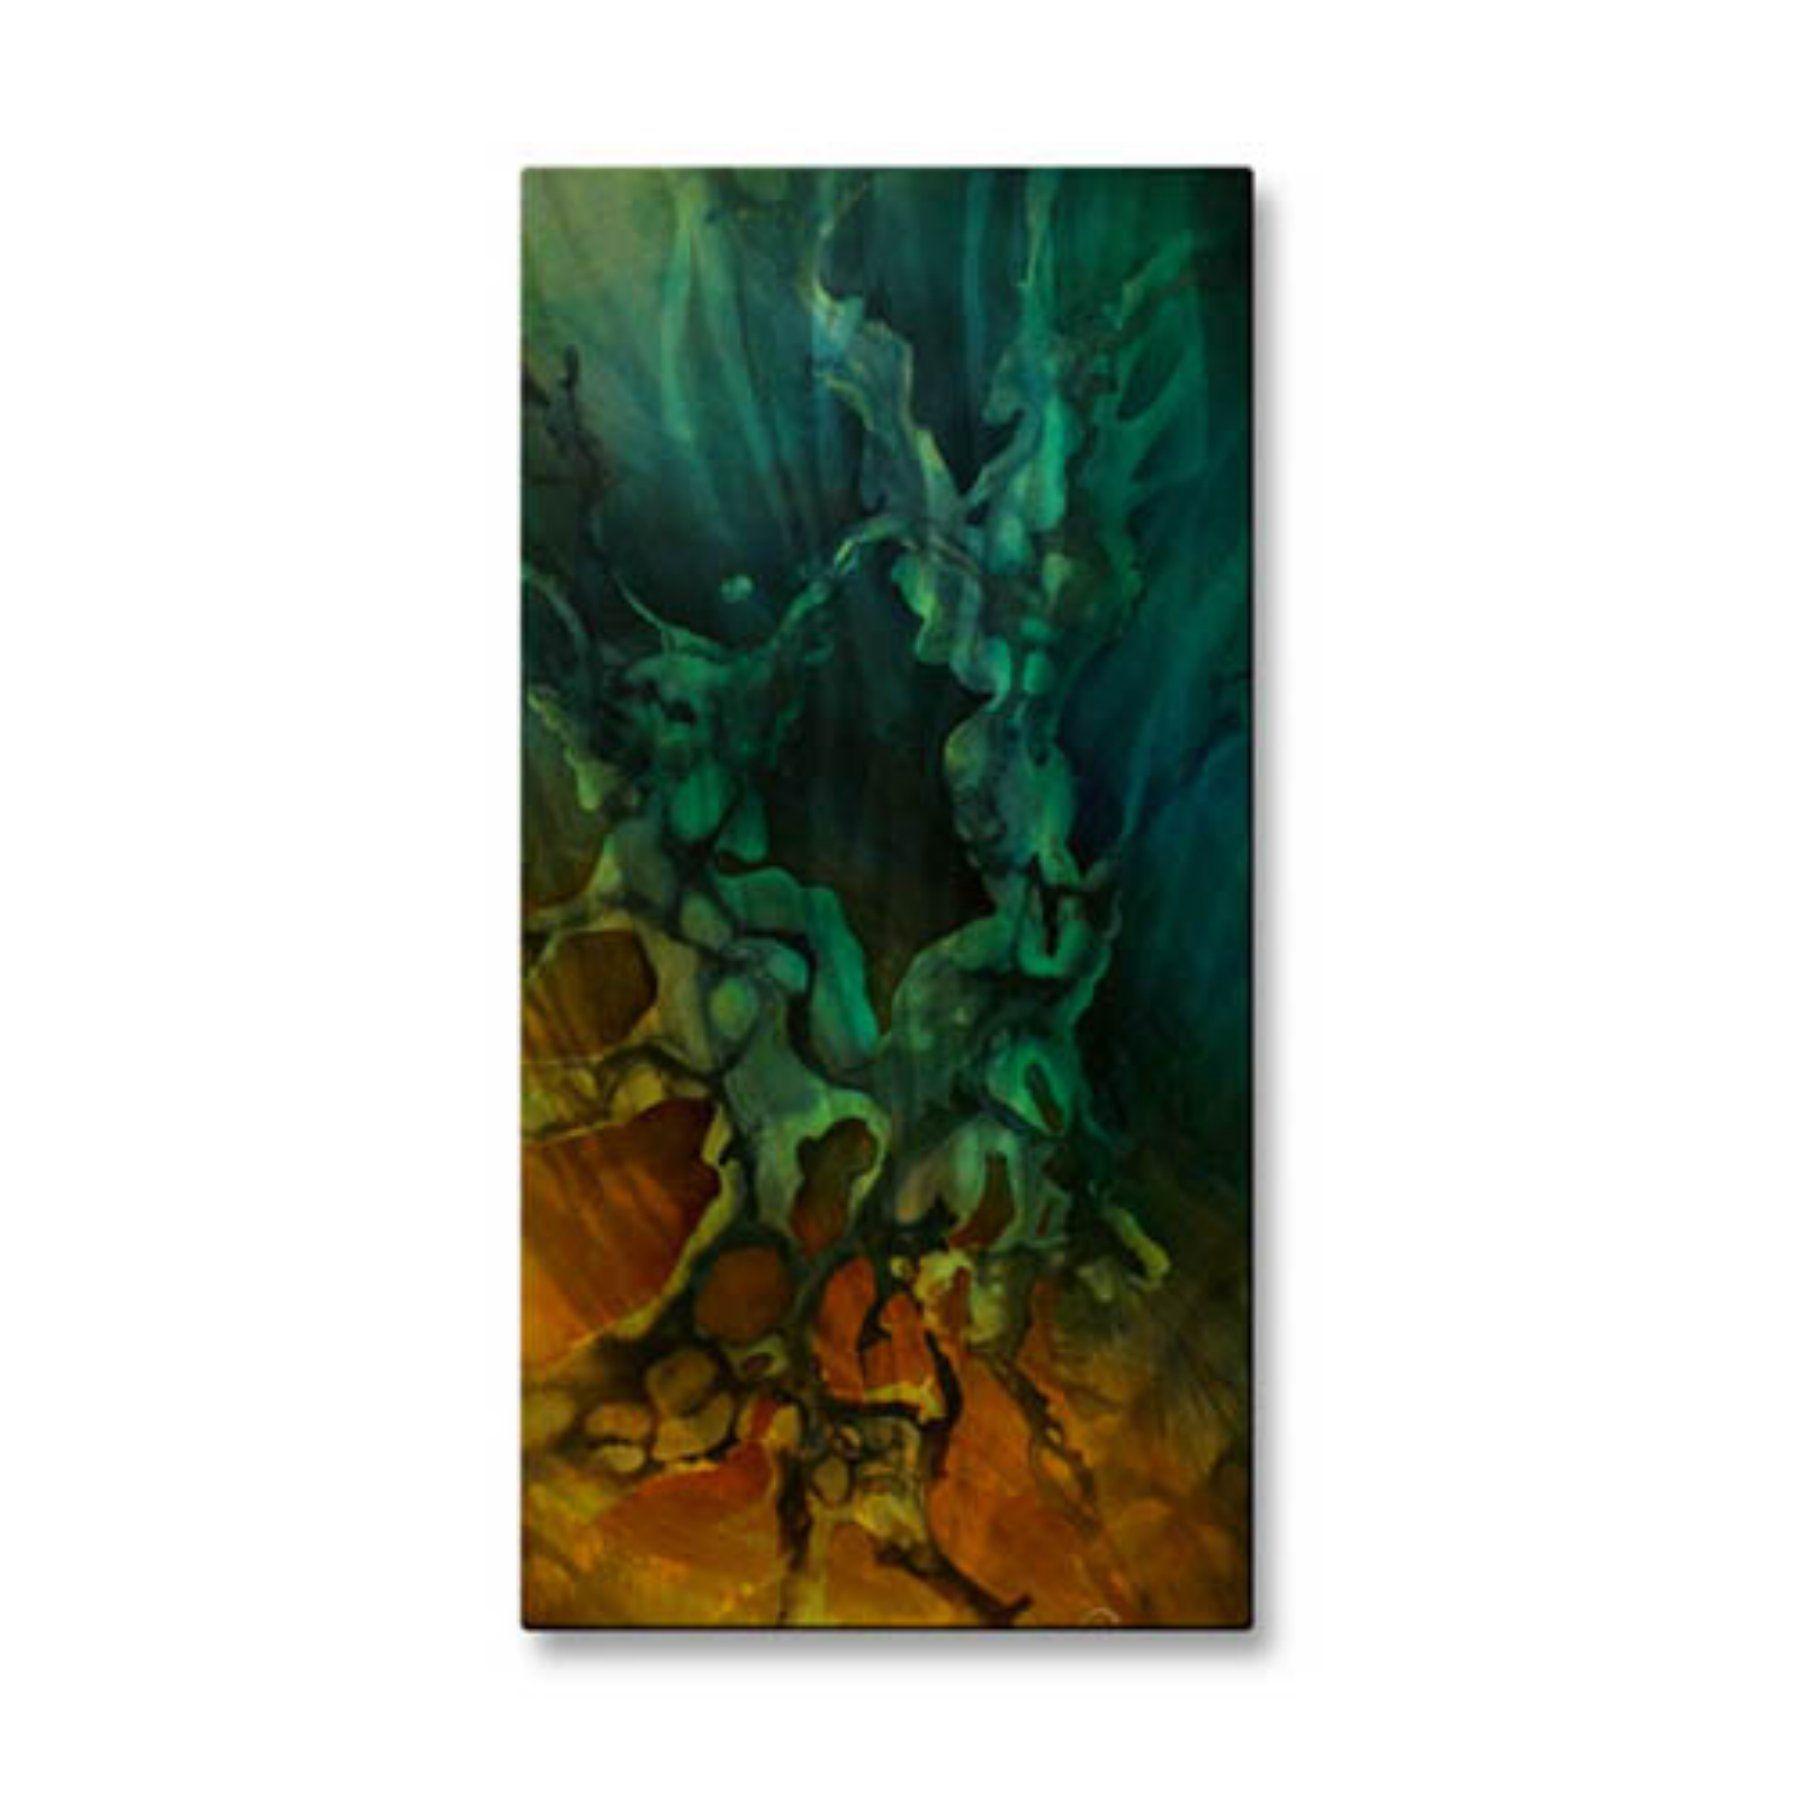 Uproar Metal Wall Art - 12W x 23.5H in. - 0058ME00041